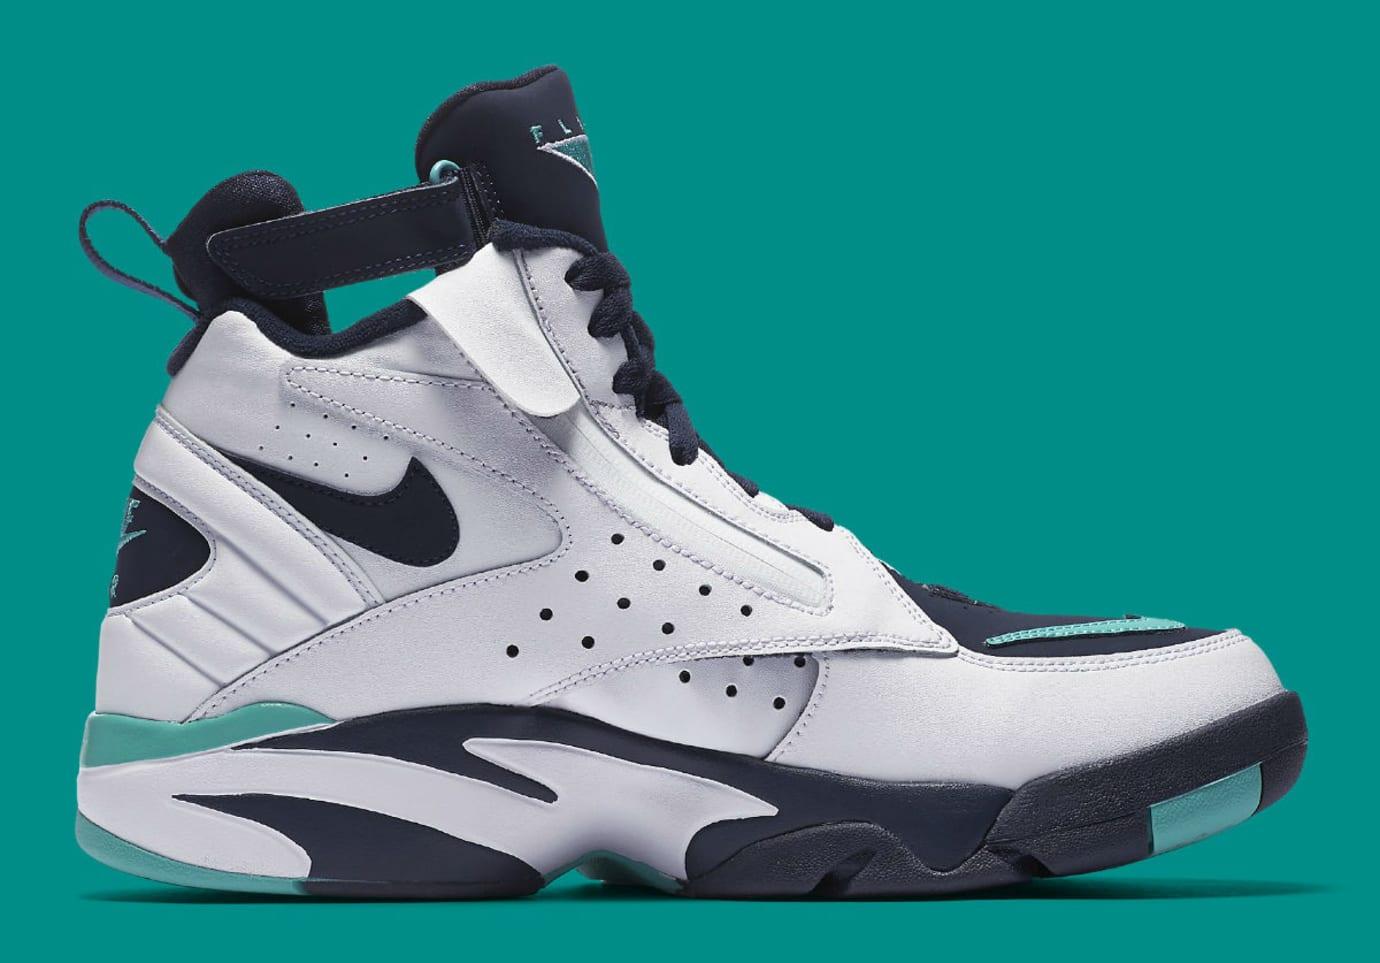 Image via Nike Nike Air Maestro 2 II Hyper Jade Release Date AH8511-100  Medial 934b1f052